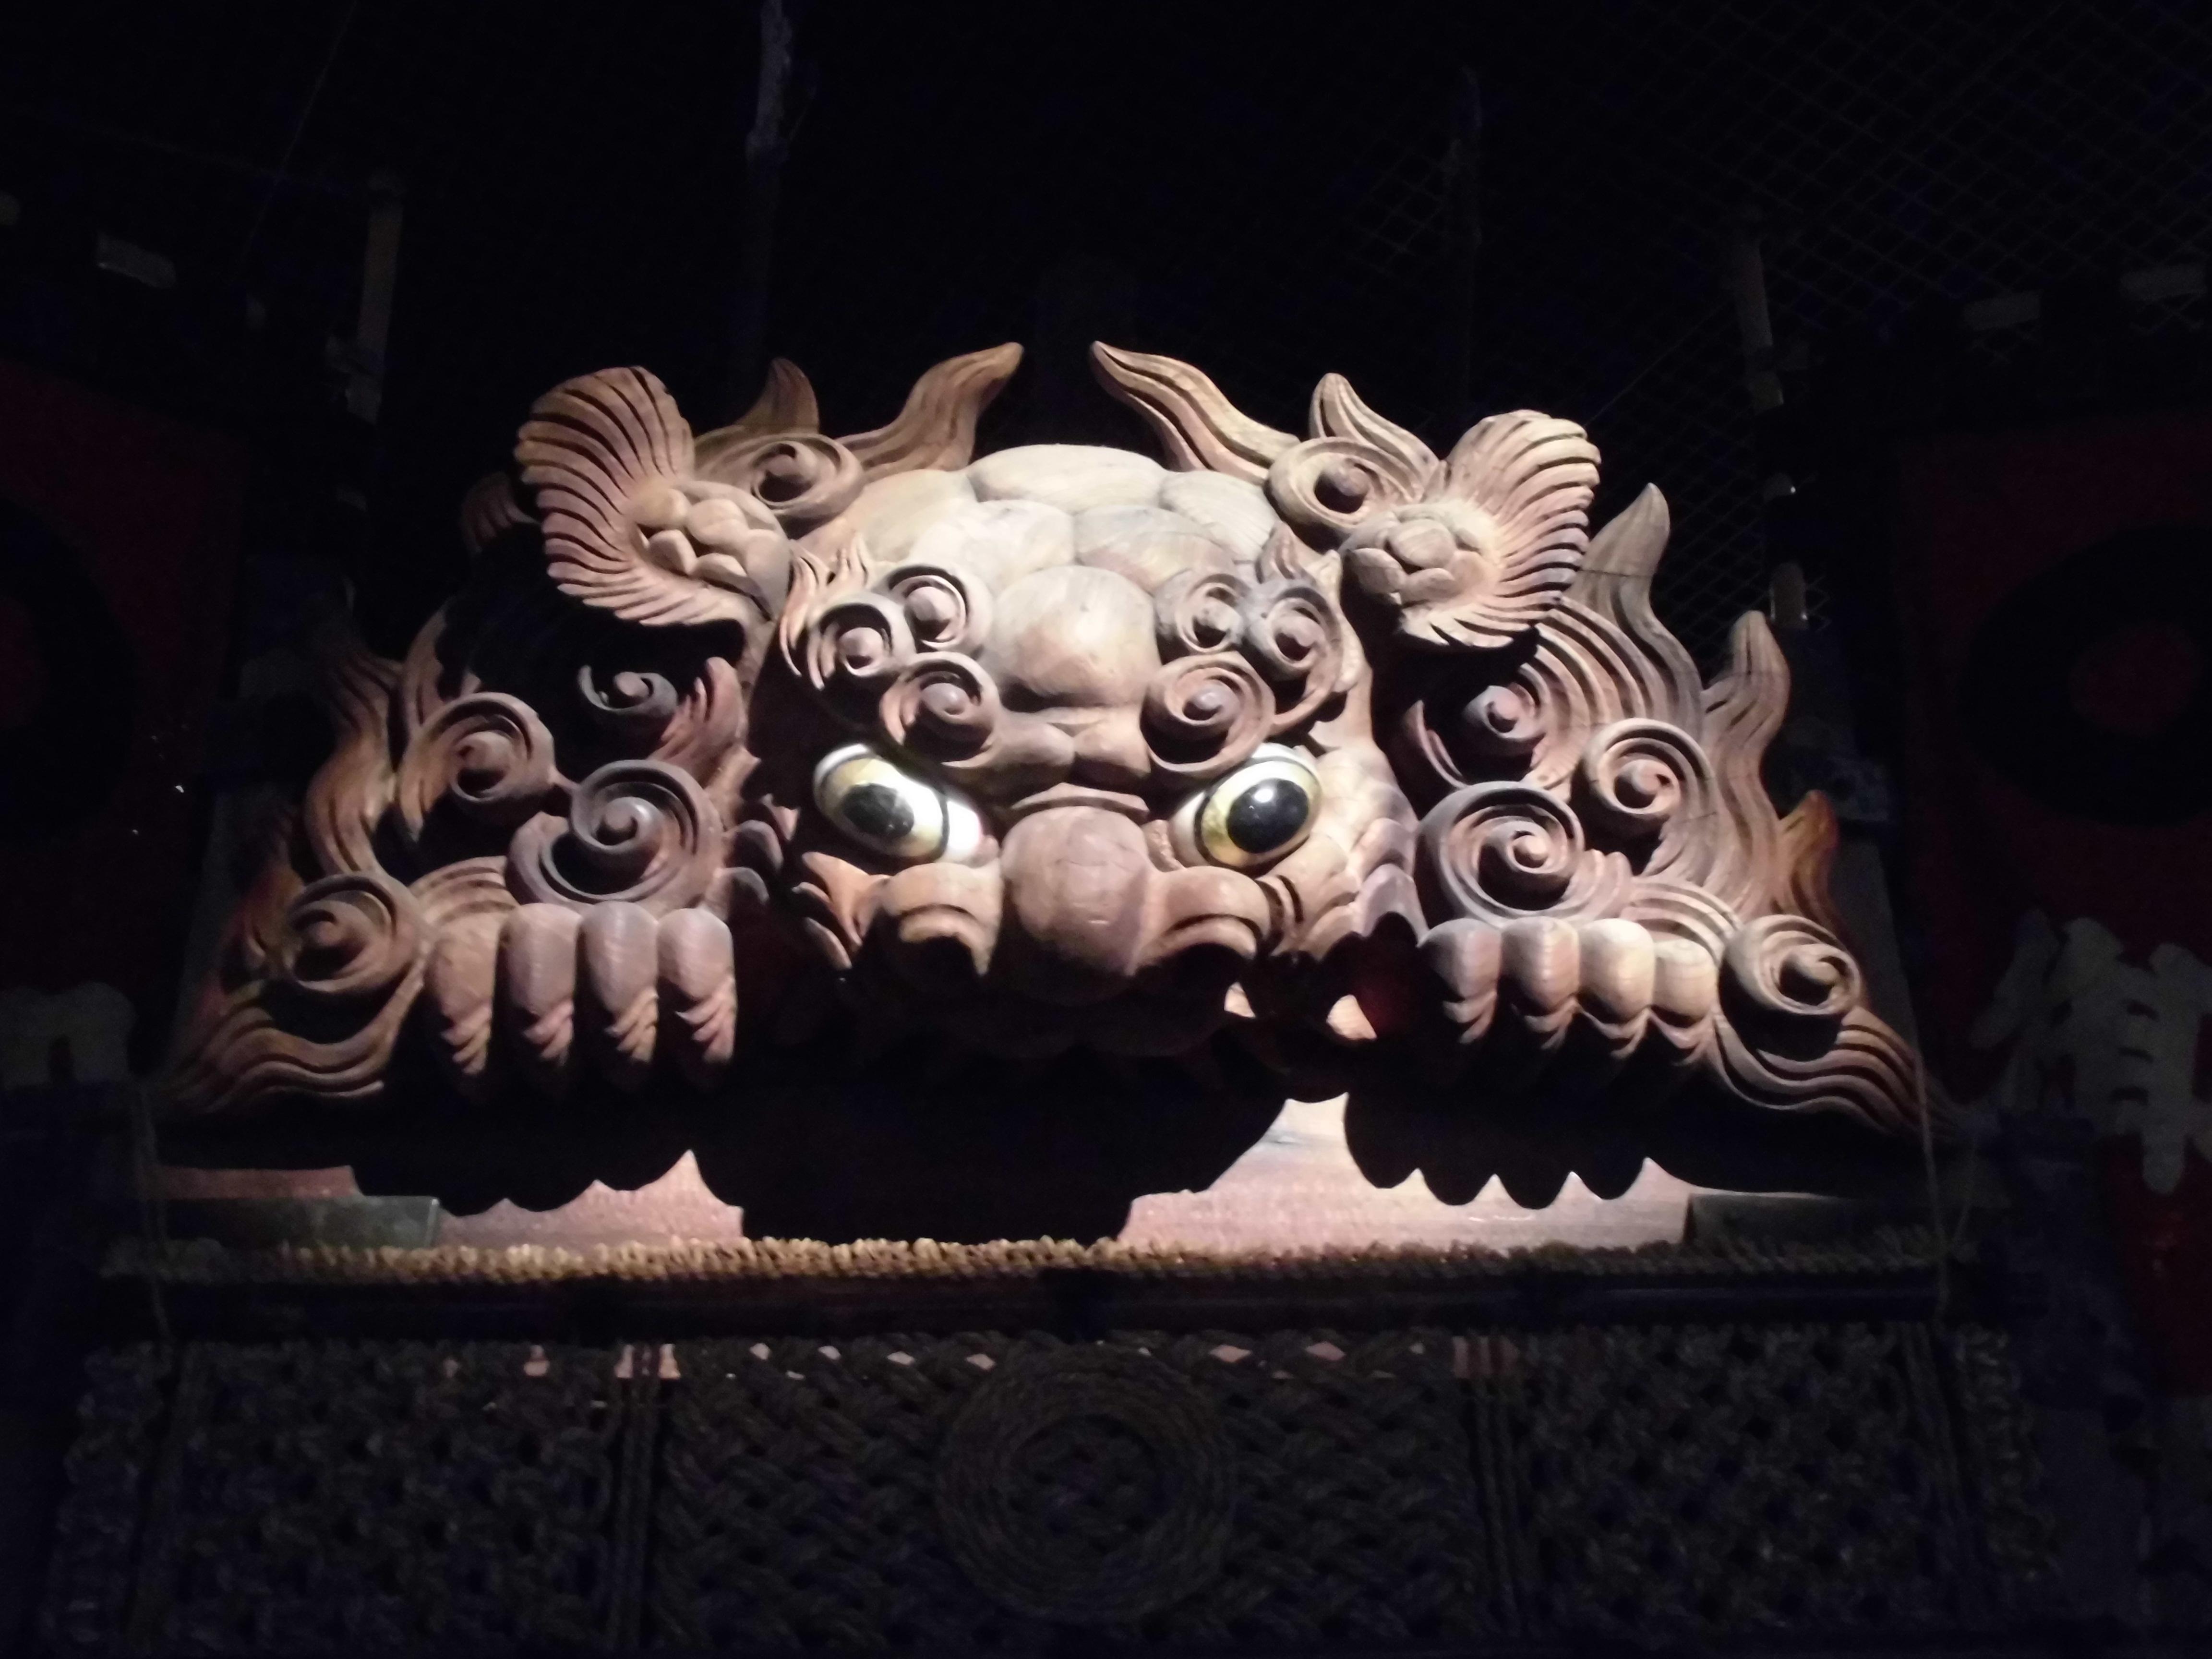 古代大阪の町を歩いてみよう【大阪歴史博物館に行ってきました。by-VEGETAPSY】